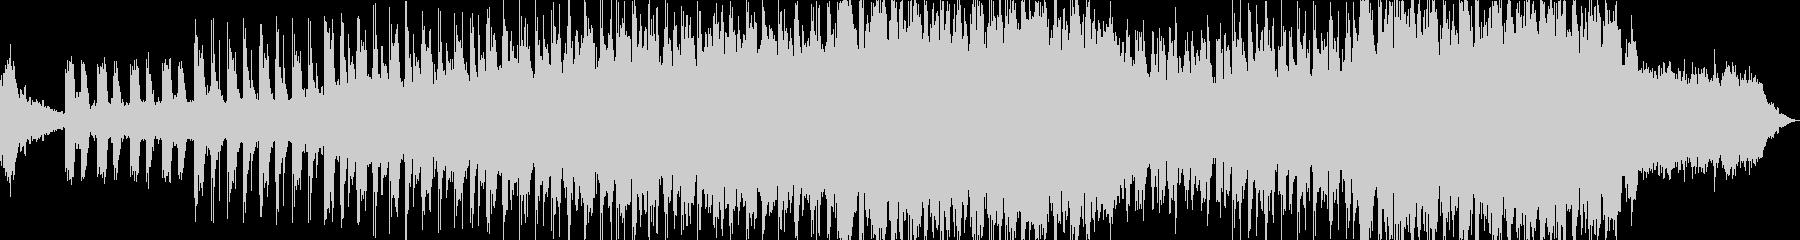 映画音楽、シネマティック映像向け-17の未再生の波形